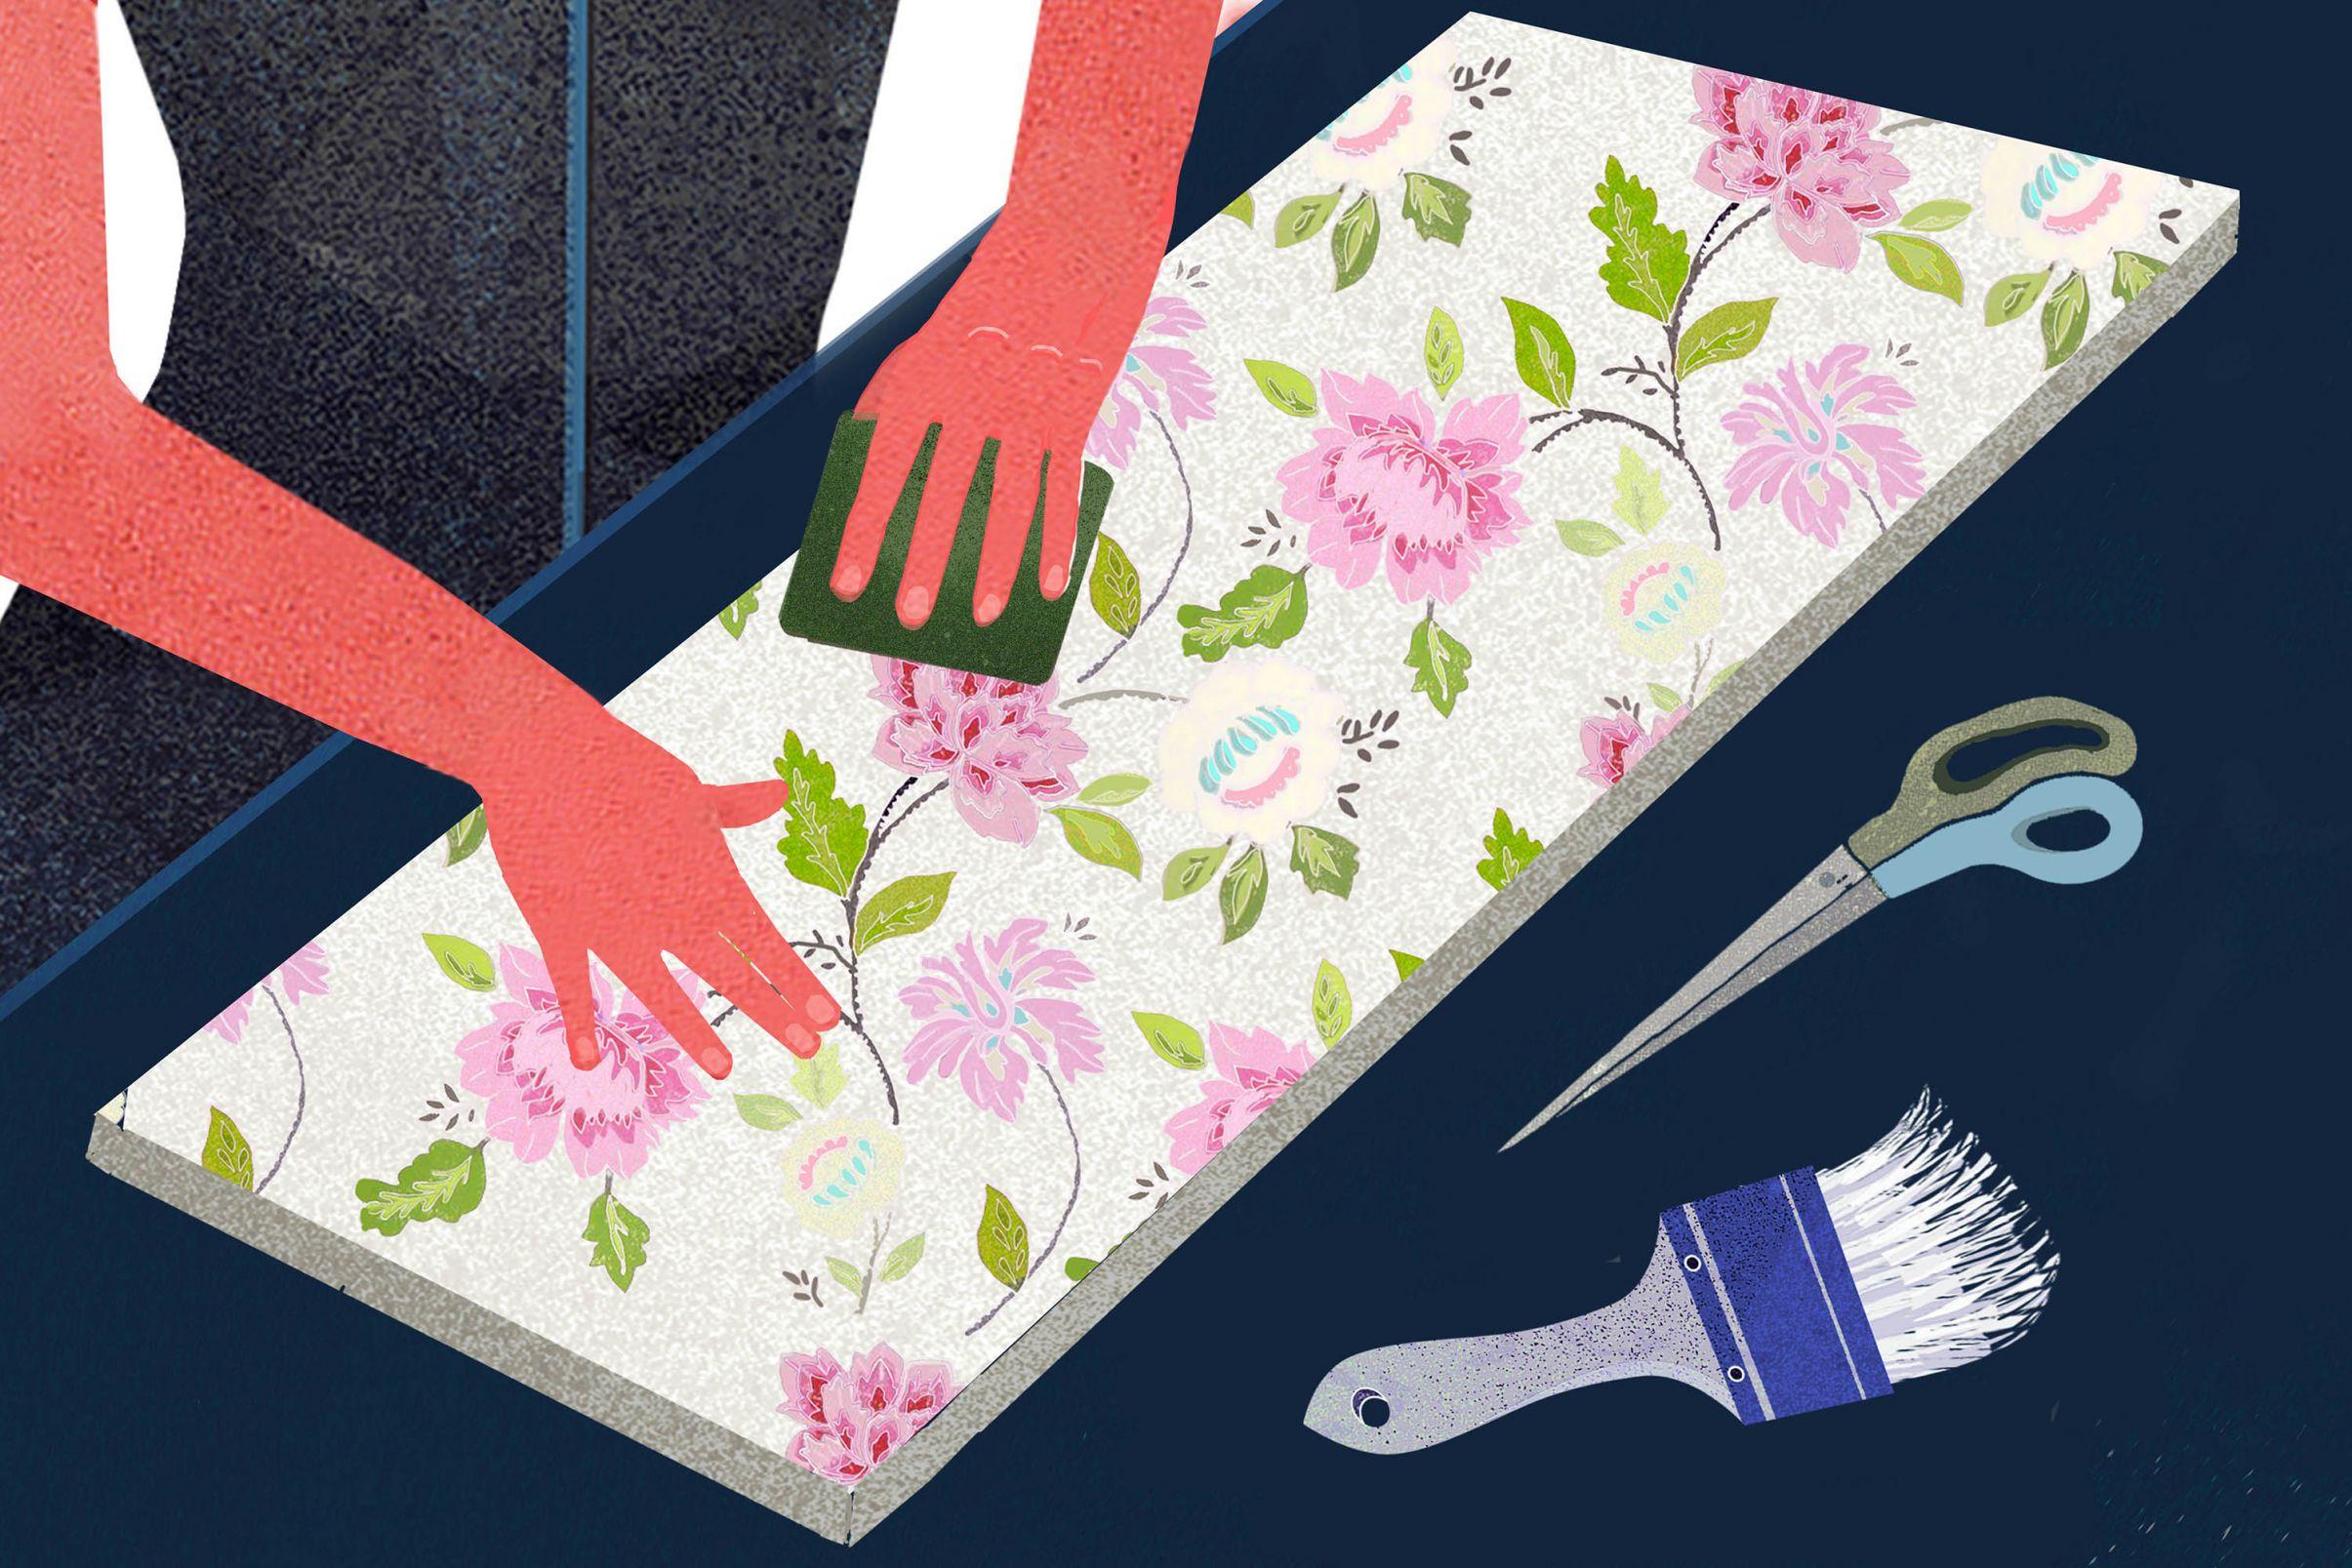 Comment-decorere-des-meubles-avec-du-papier-peint-Pre-couper-le-papier-peint-et-le-poser